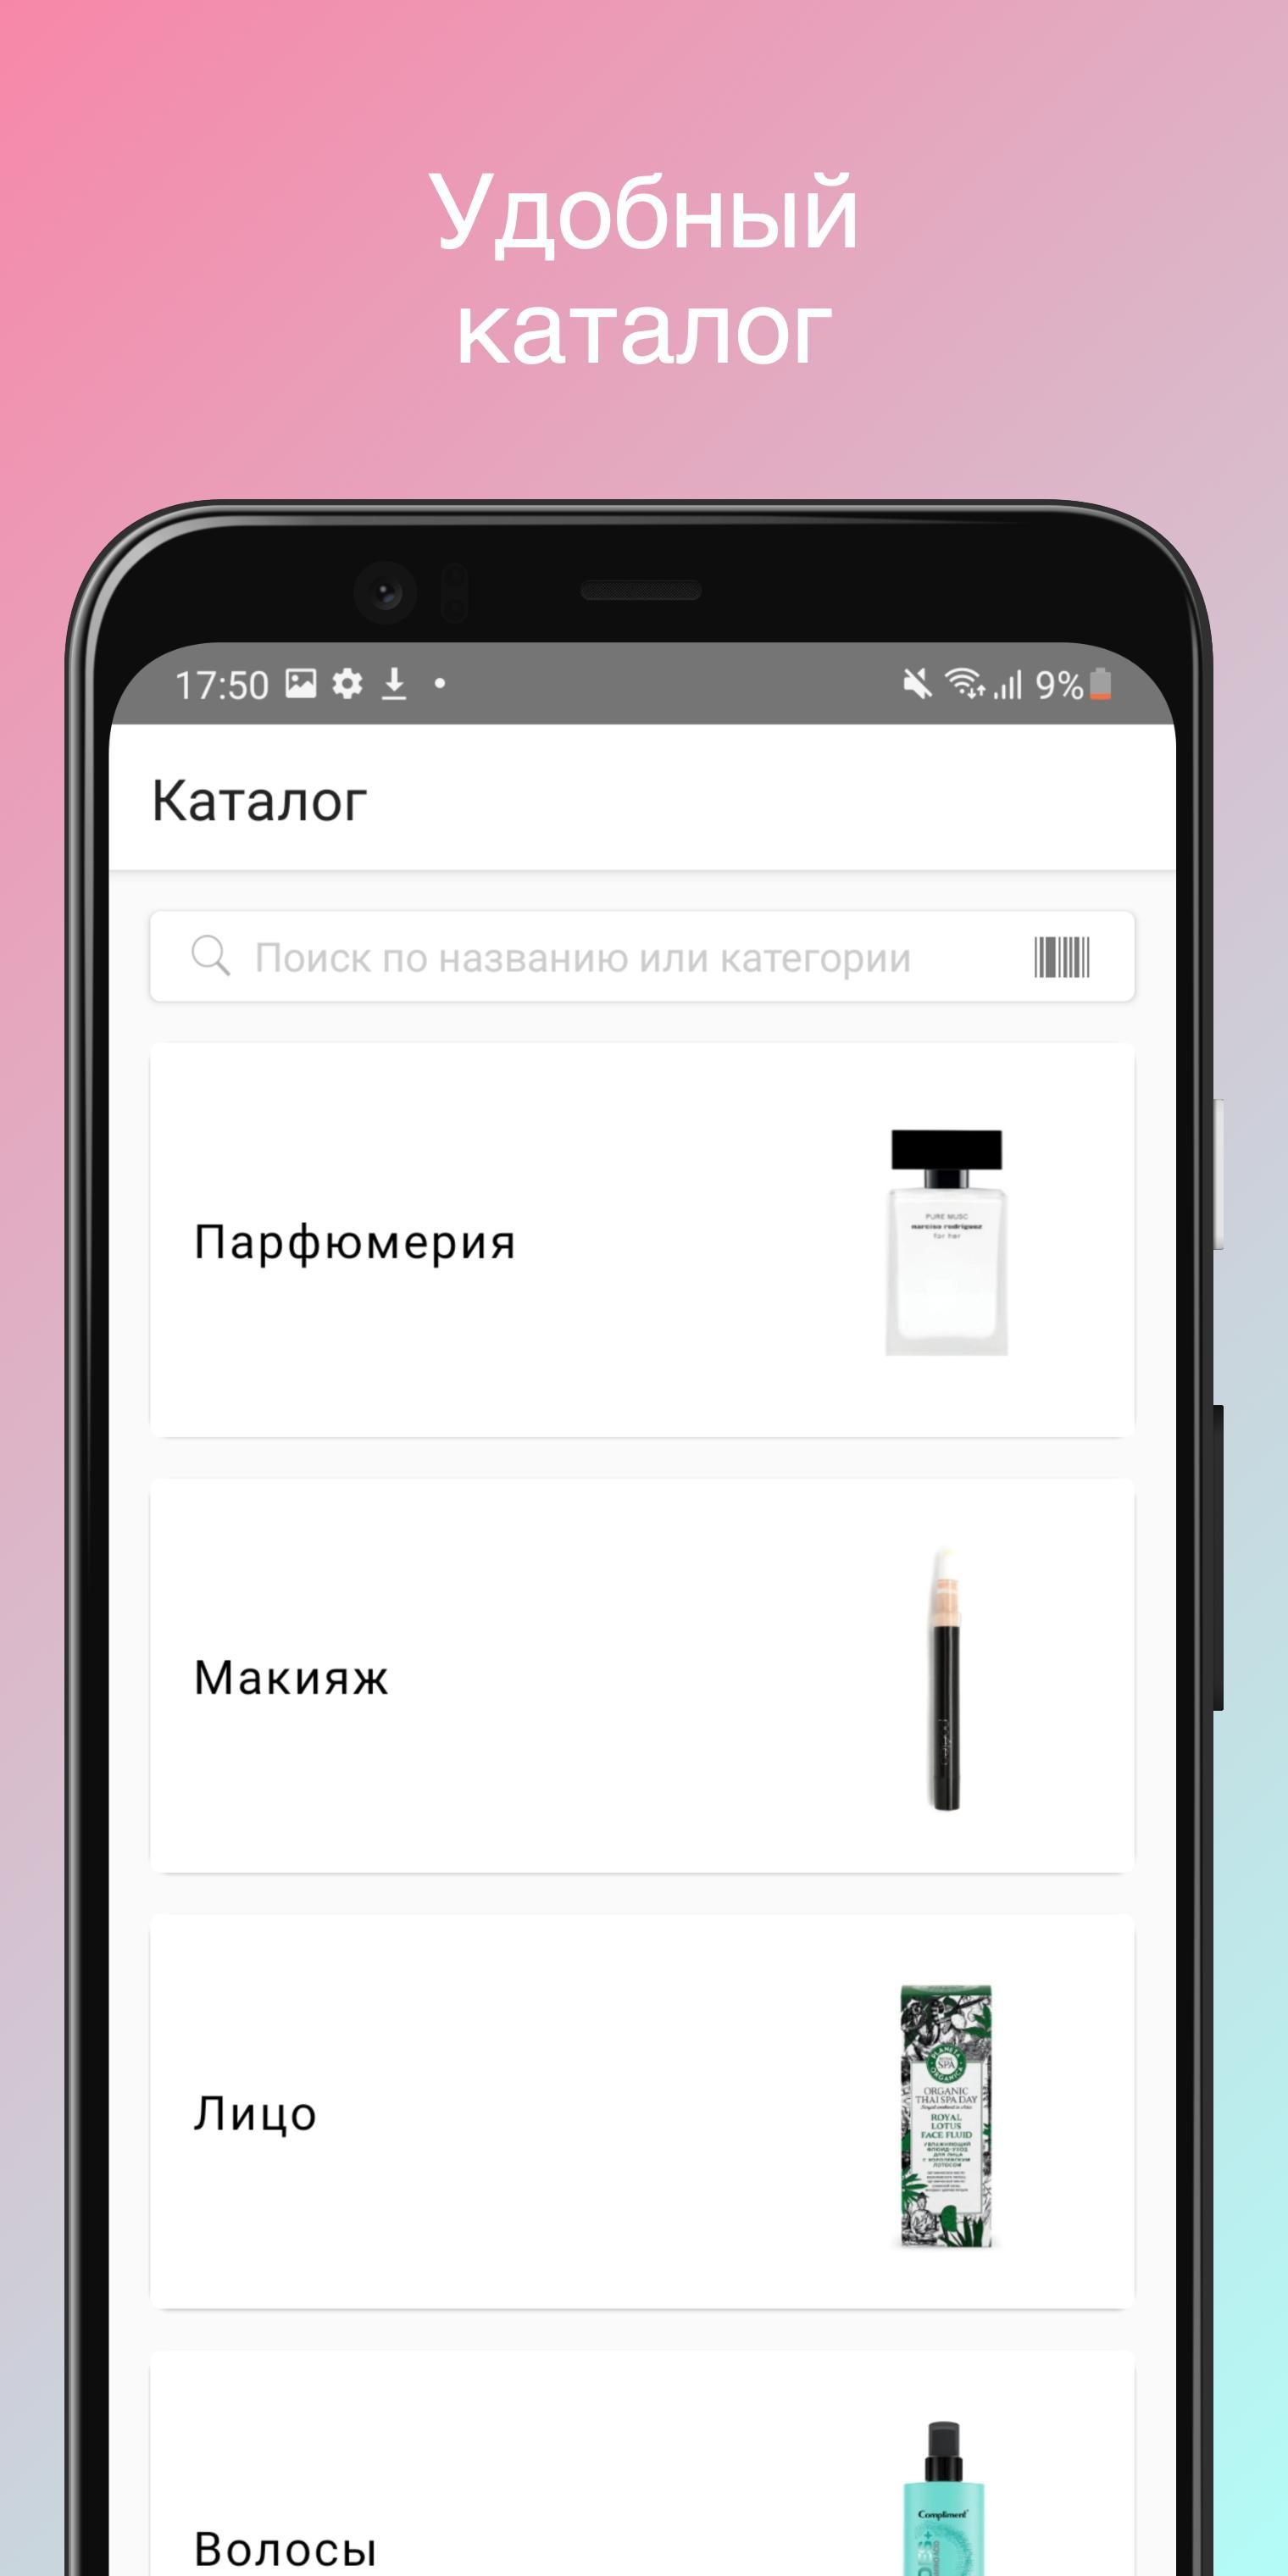 парфюм лидер интернет пойковский